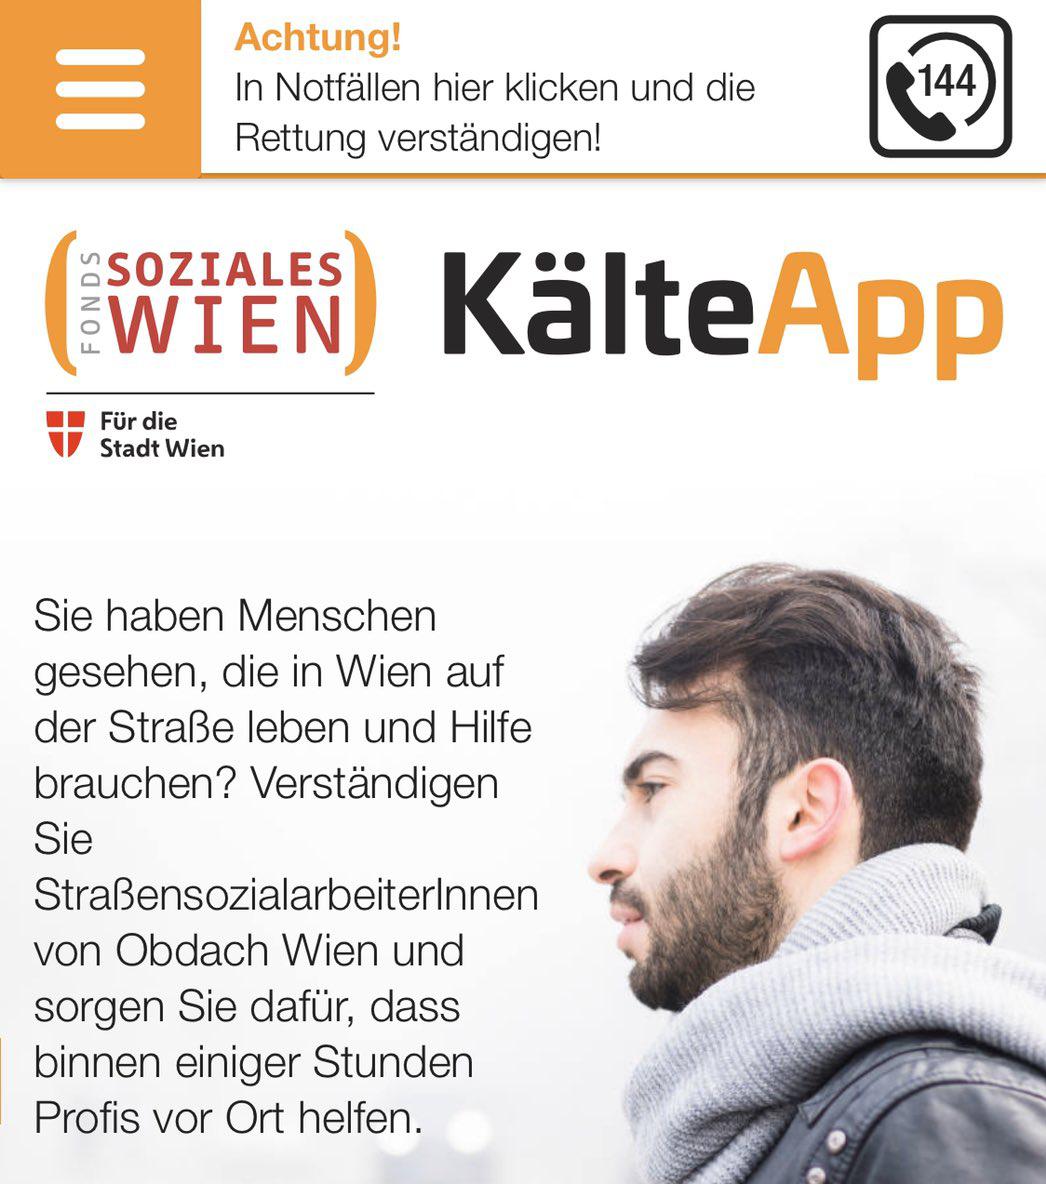 LuxActive KG übernahm die Umsetzung der Kälte-App für das Fonds Soziales Wien (FSW)